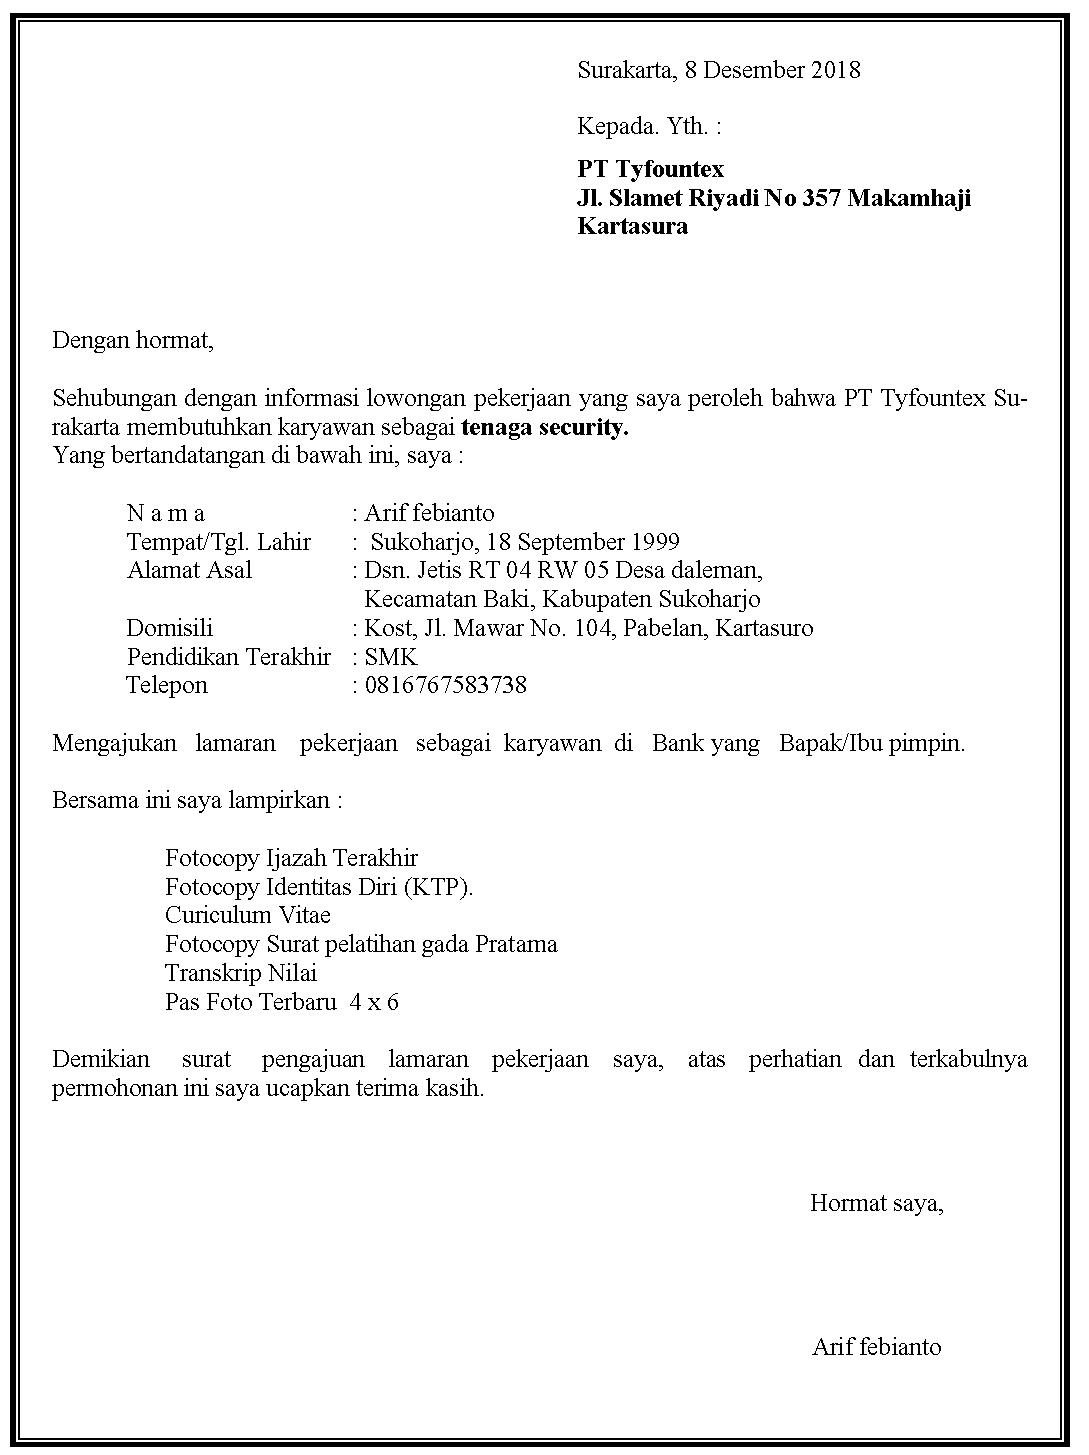 Contoh surat lamaran kerja Security di PT tyfountex.